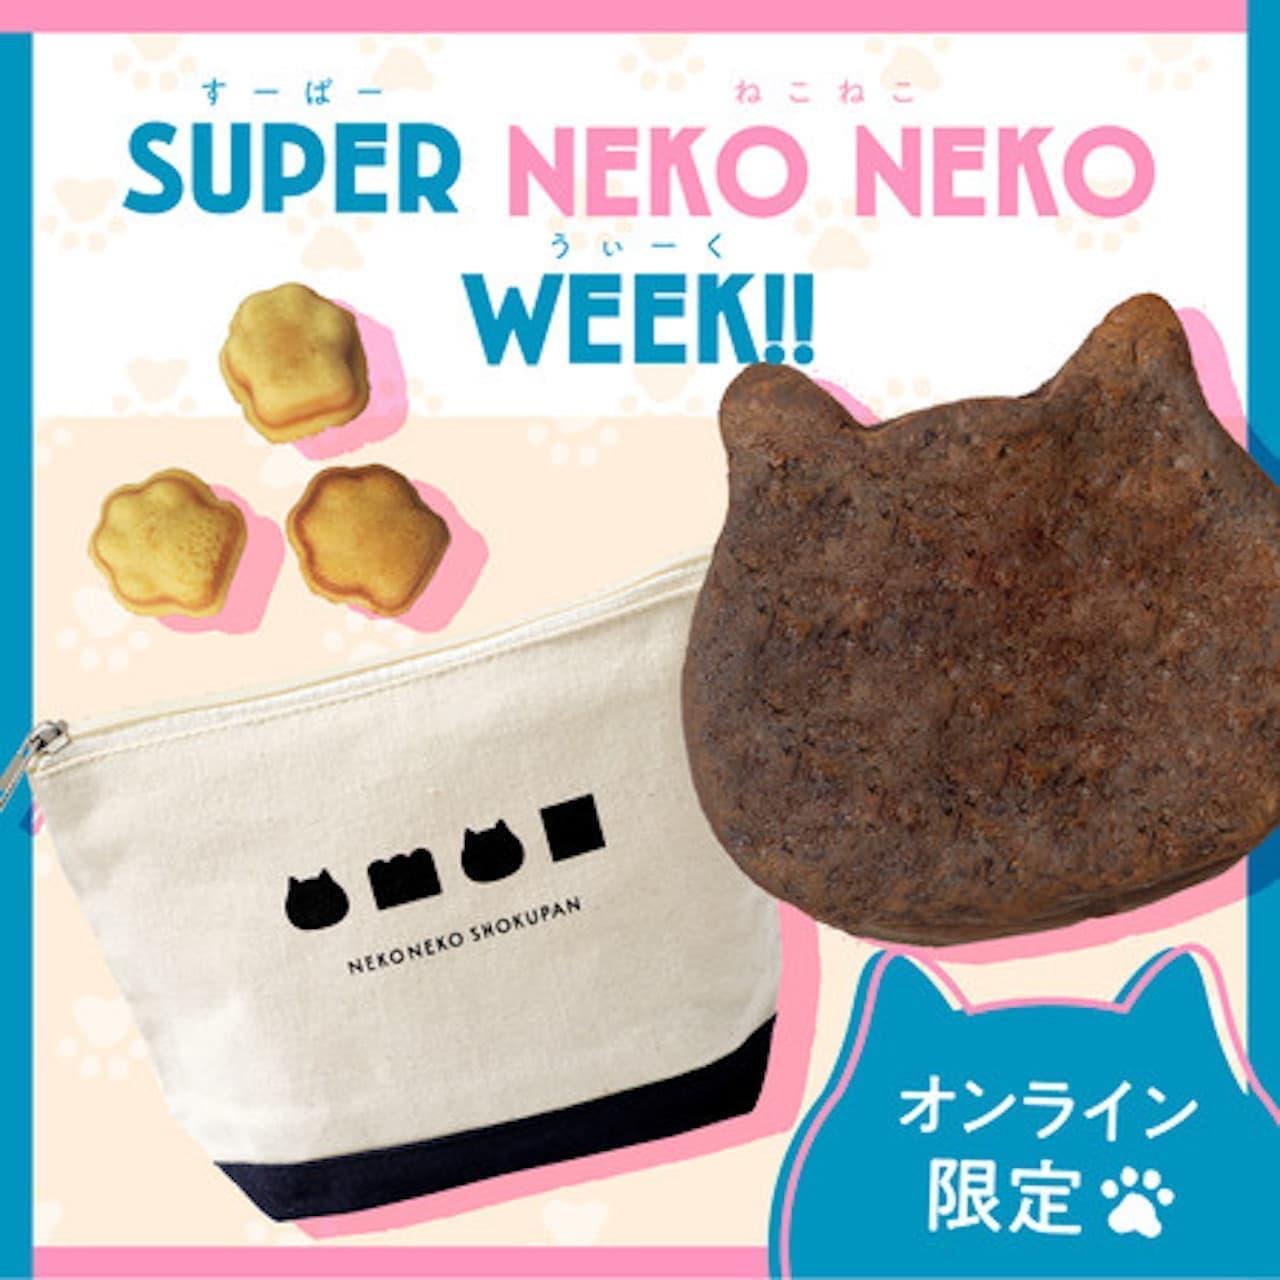 スーパーねこねこWeek「黒猫ショコラ+ねこねこポーチセット」